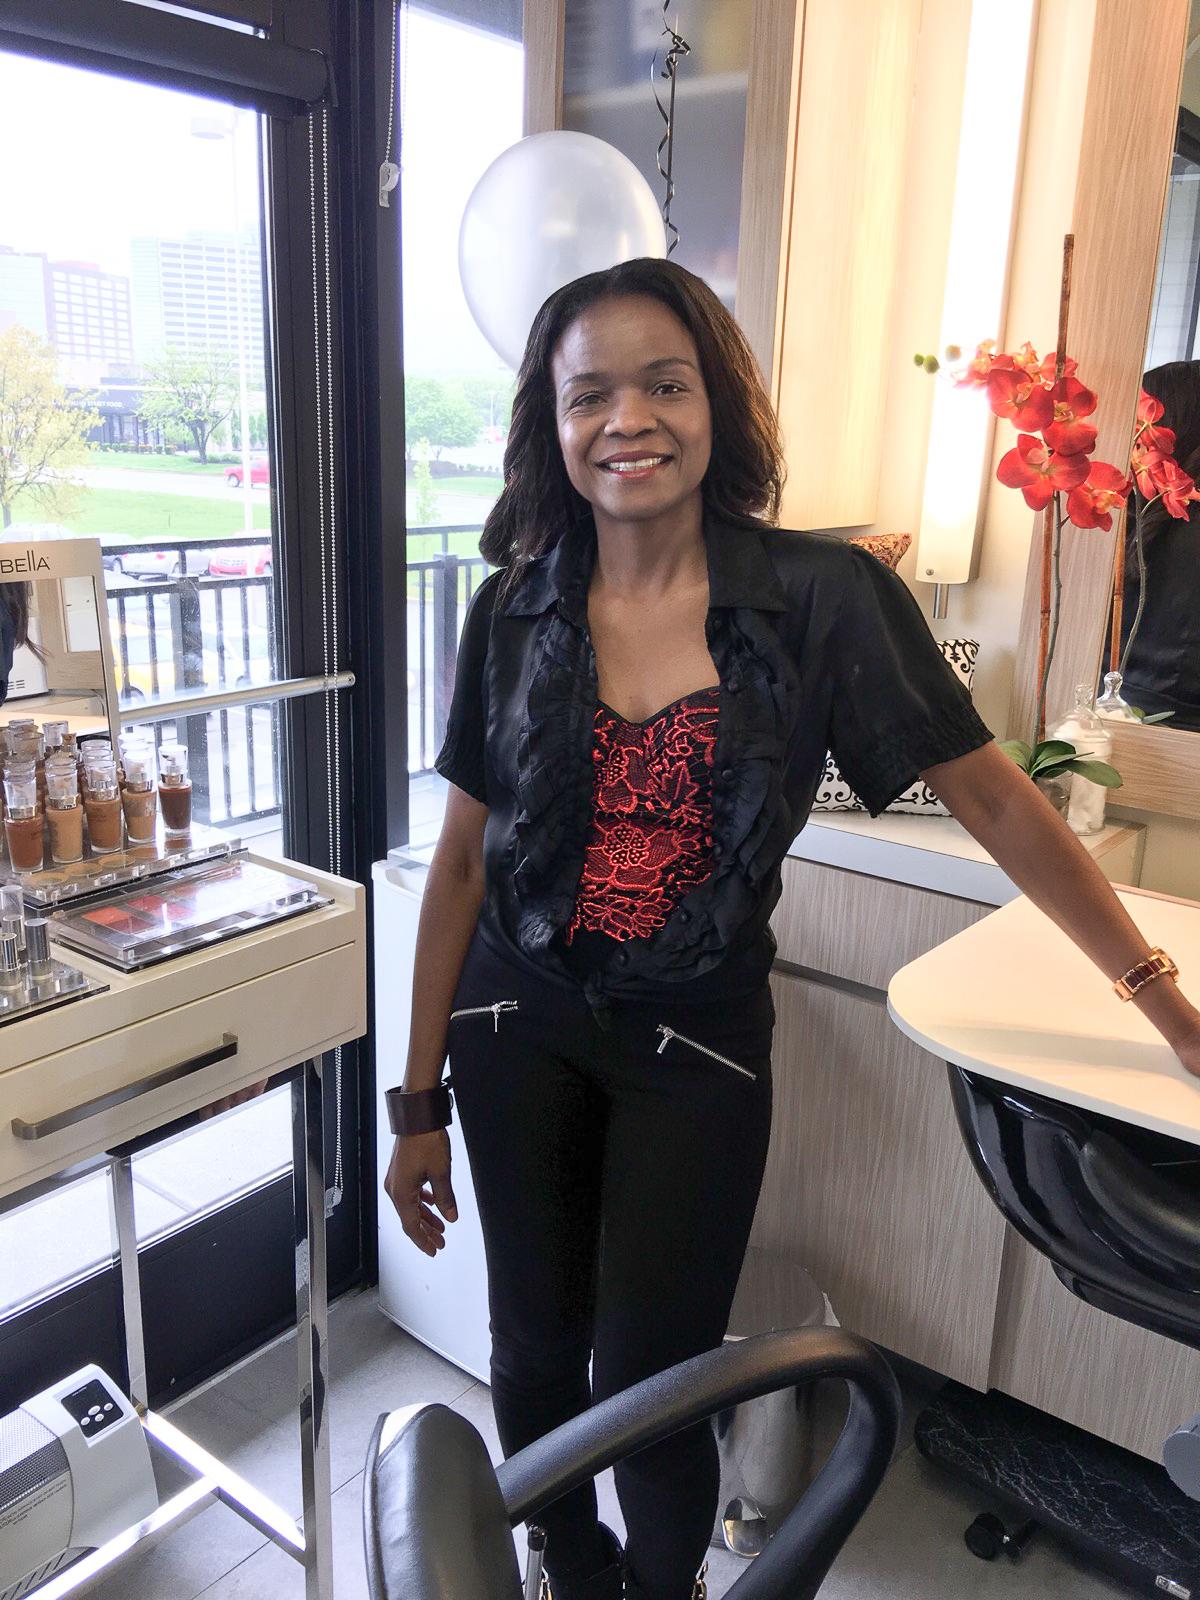 Rhonda at the Loft